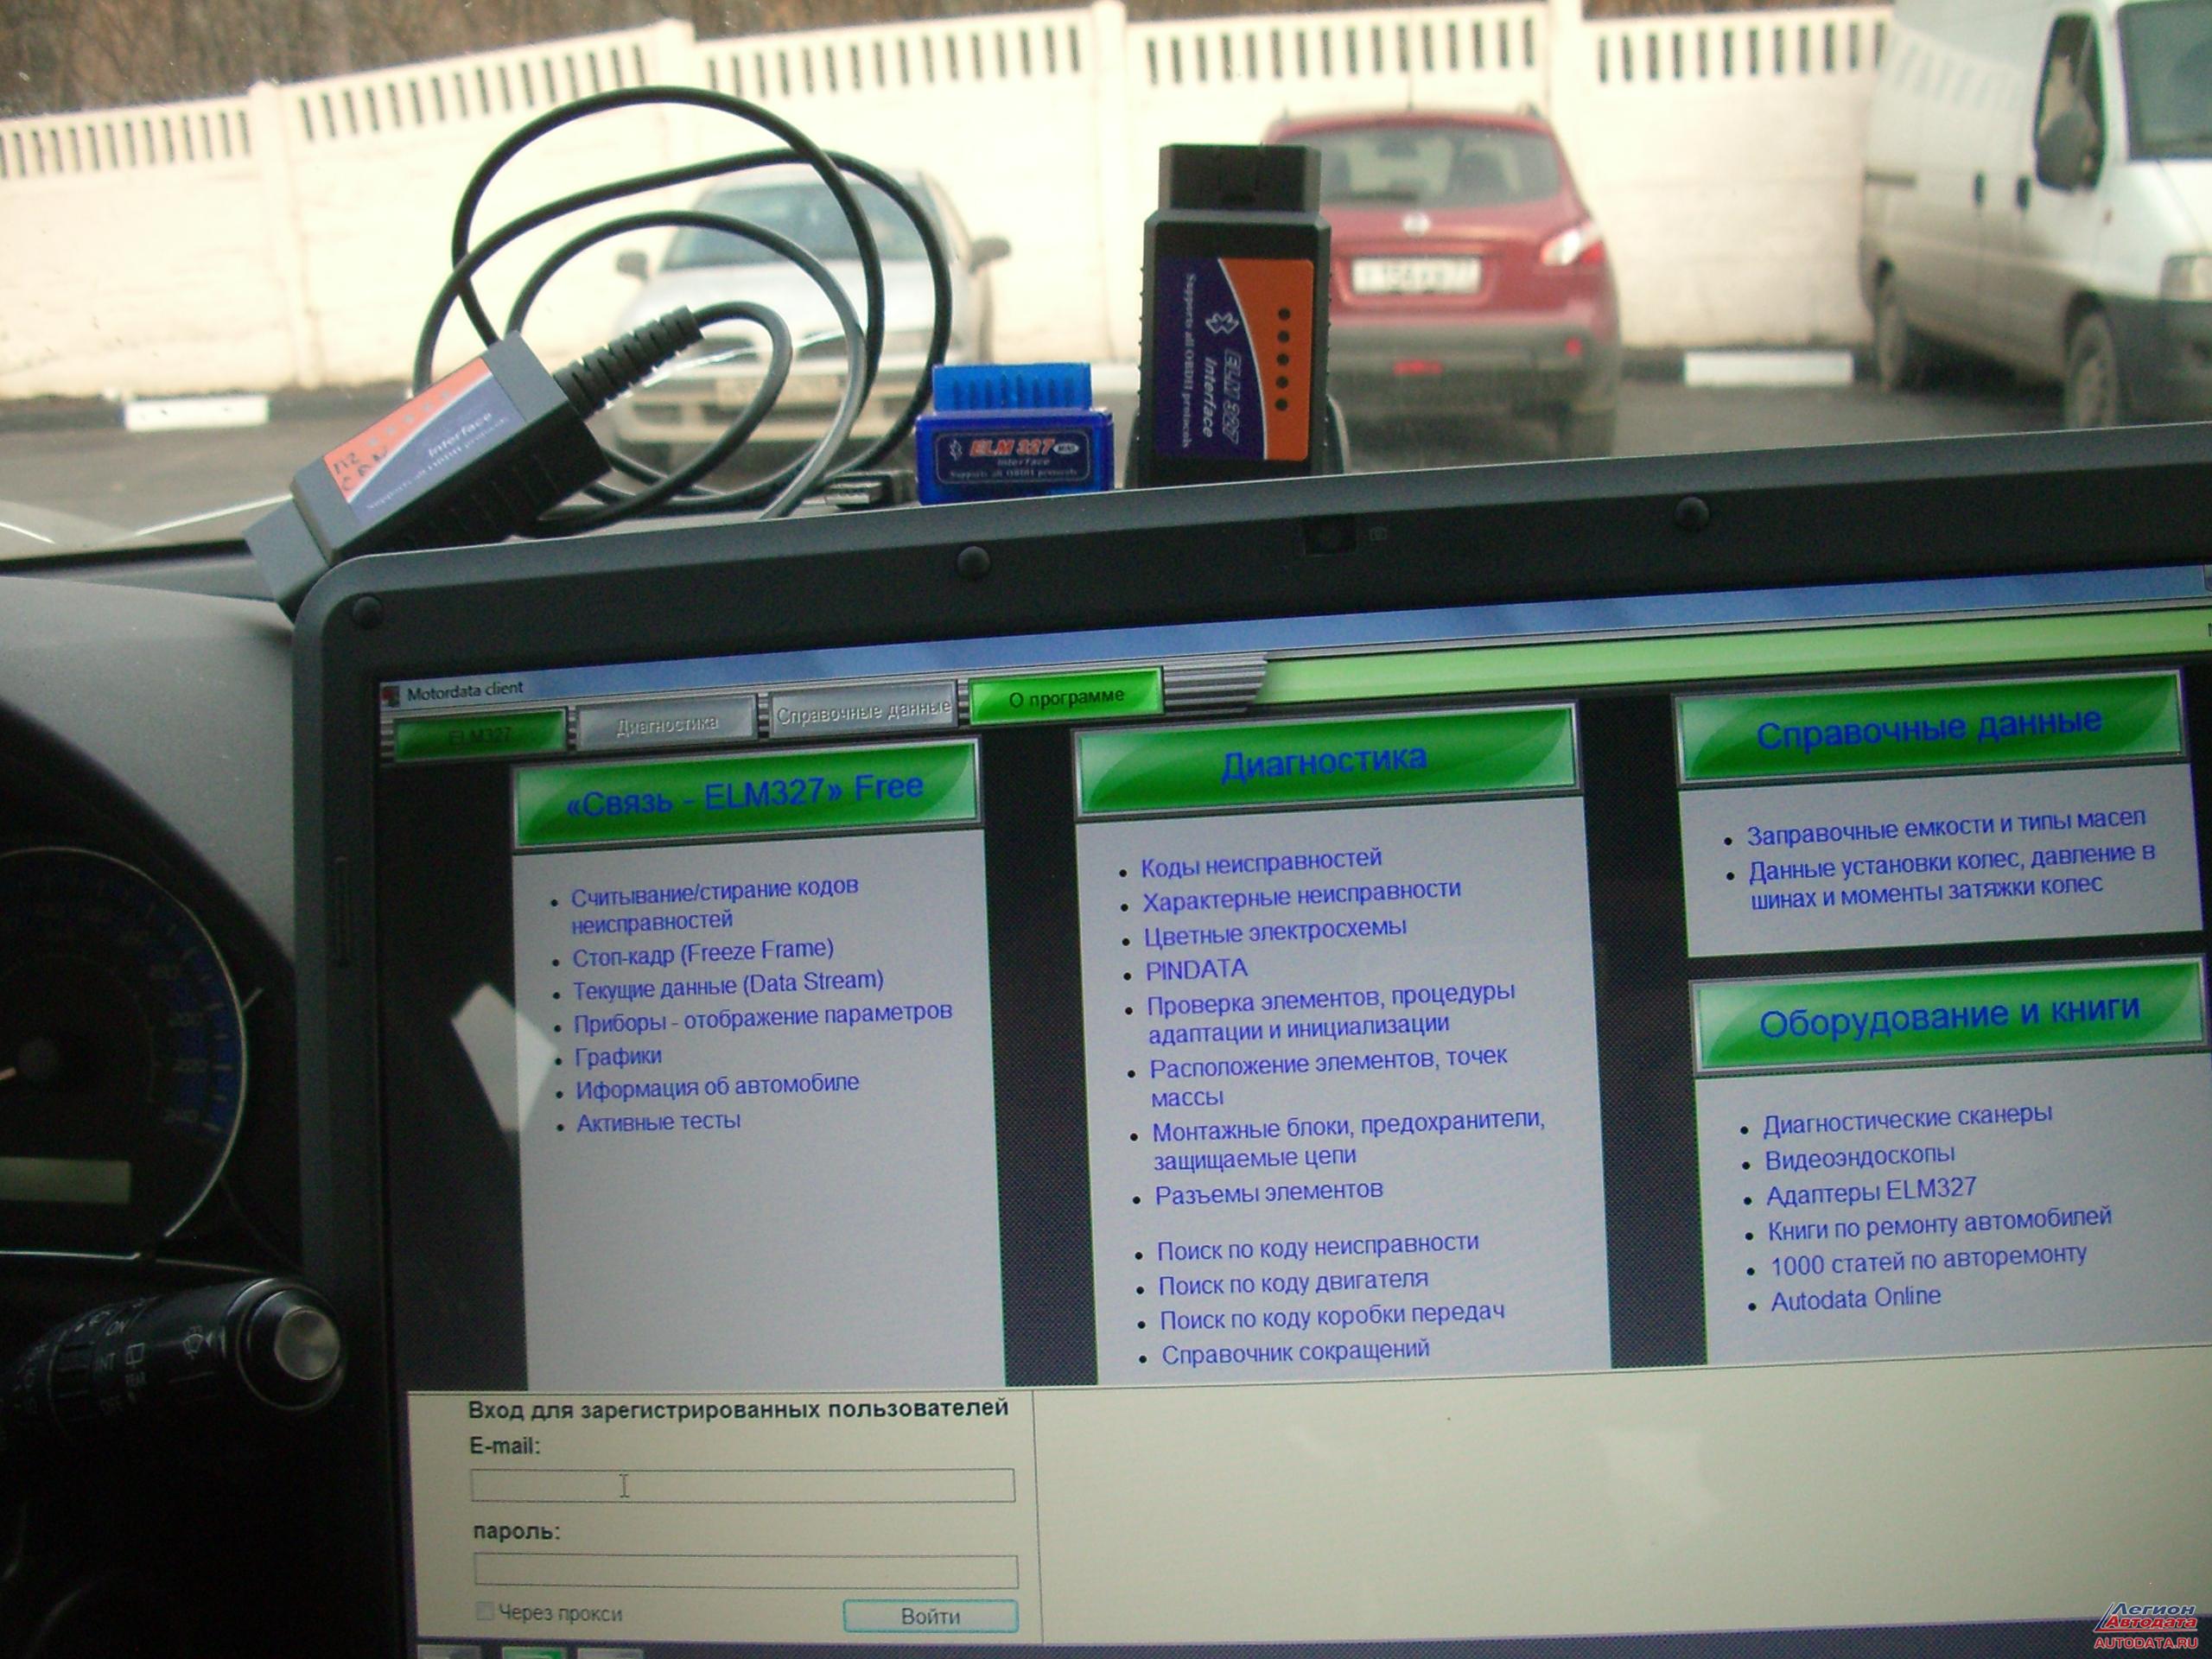 Скачать для планшета программу elm327